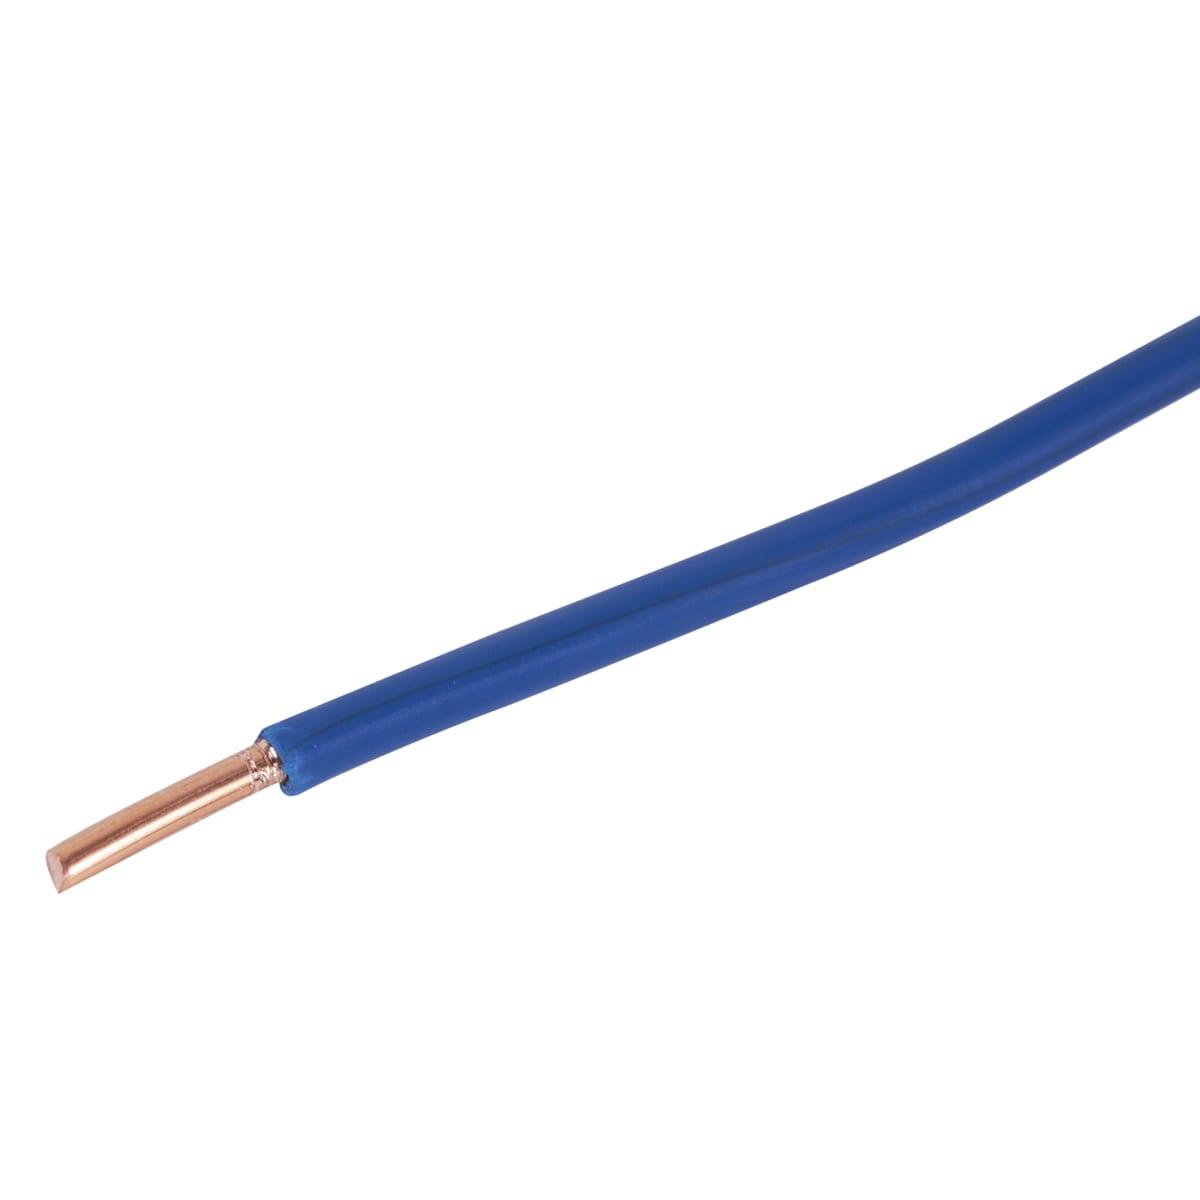 Провод ПуВ 1х4 на отрез цвет голубой